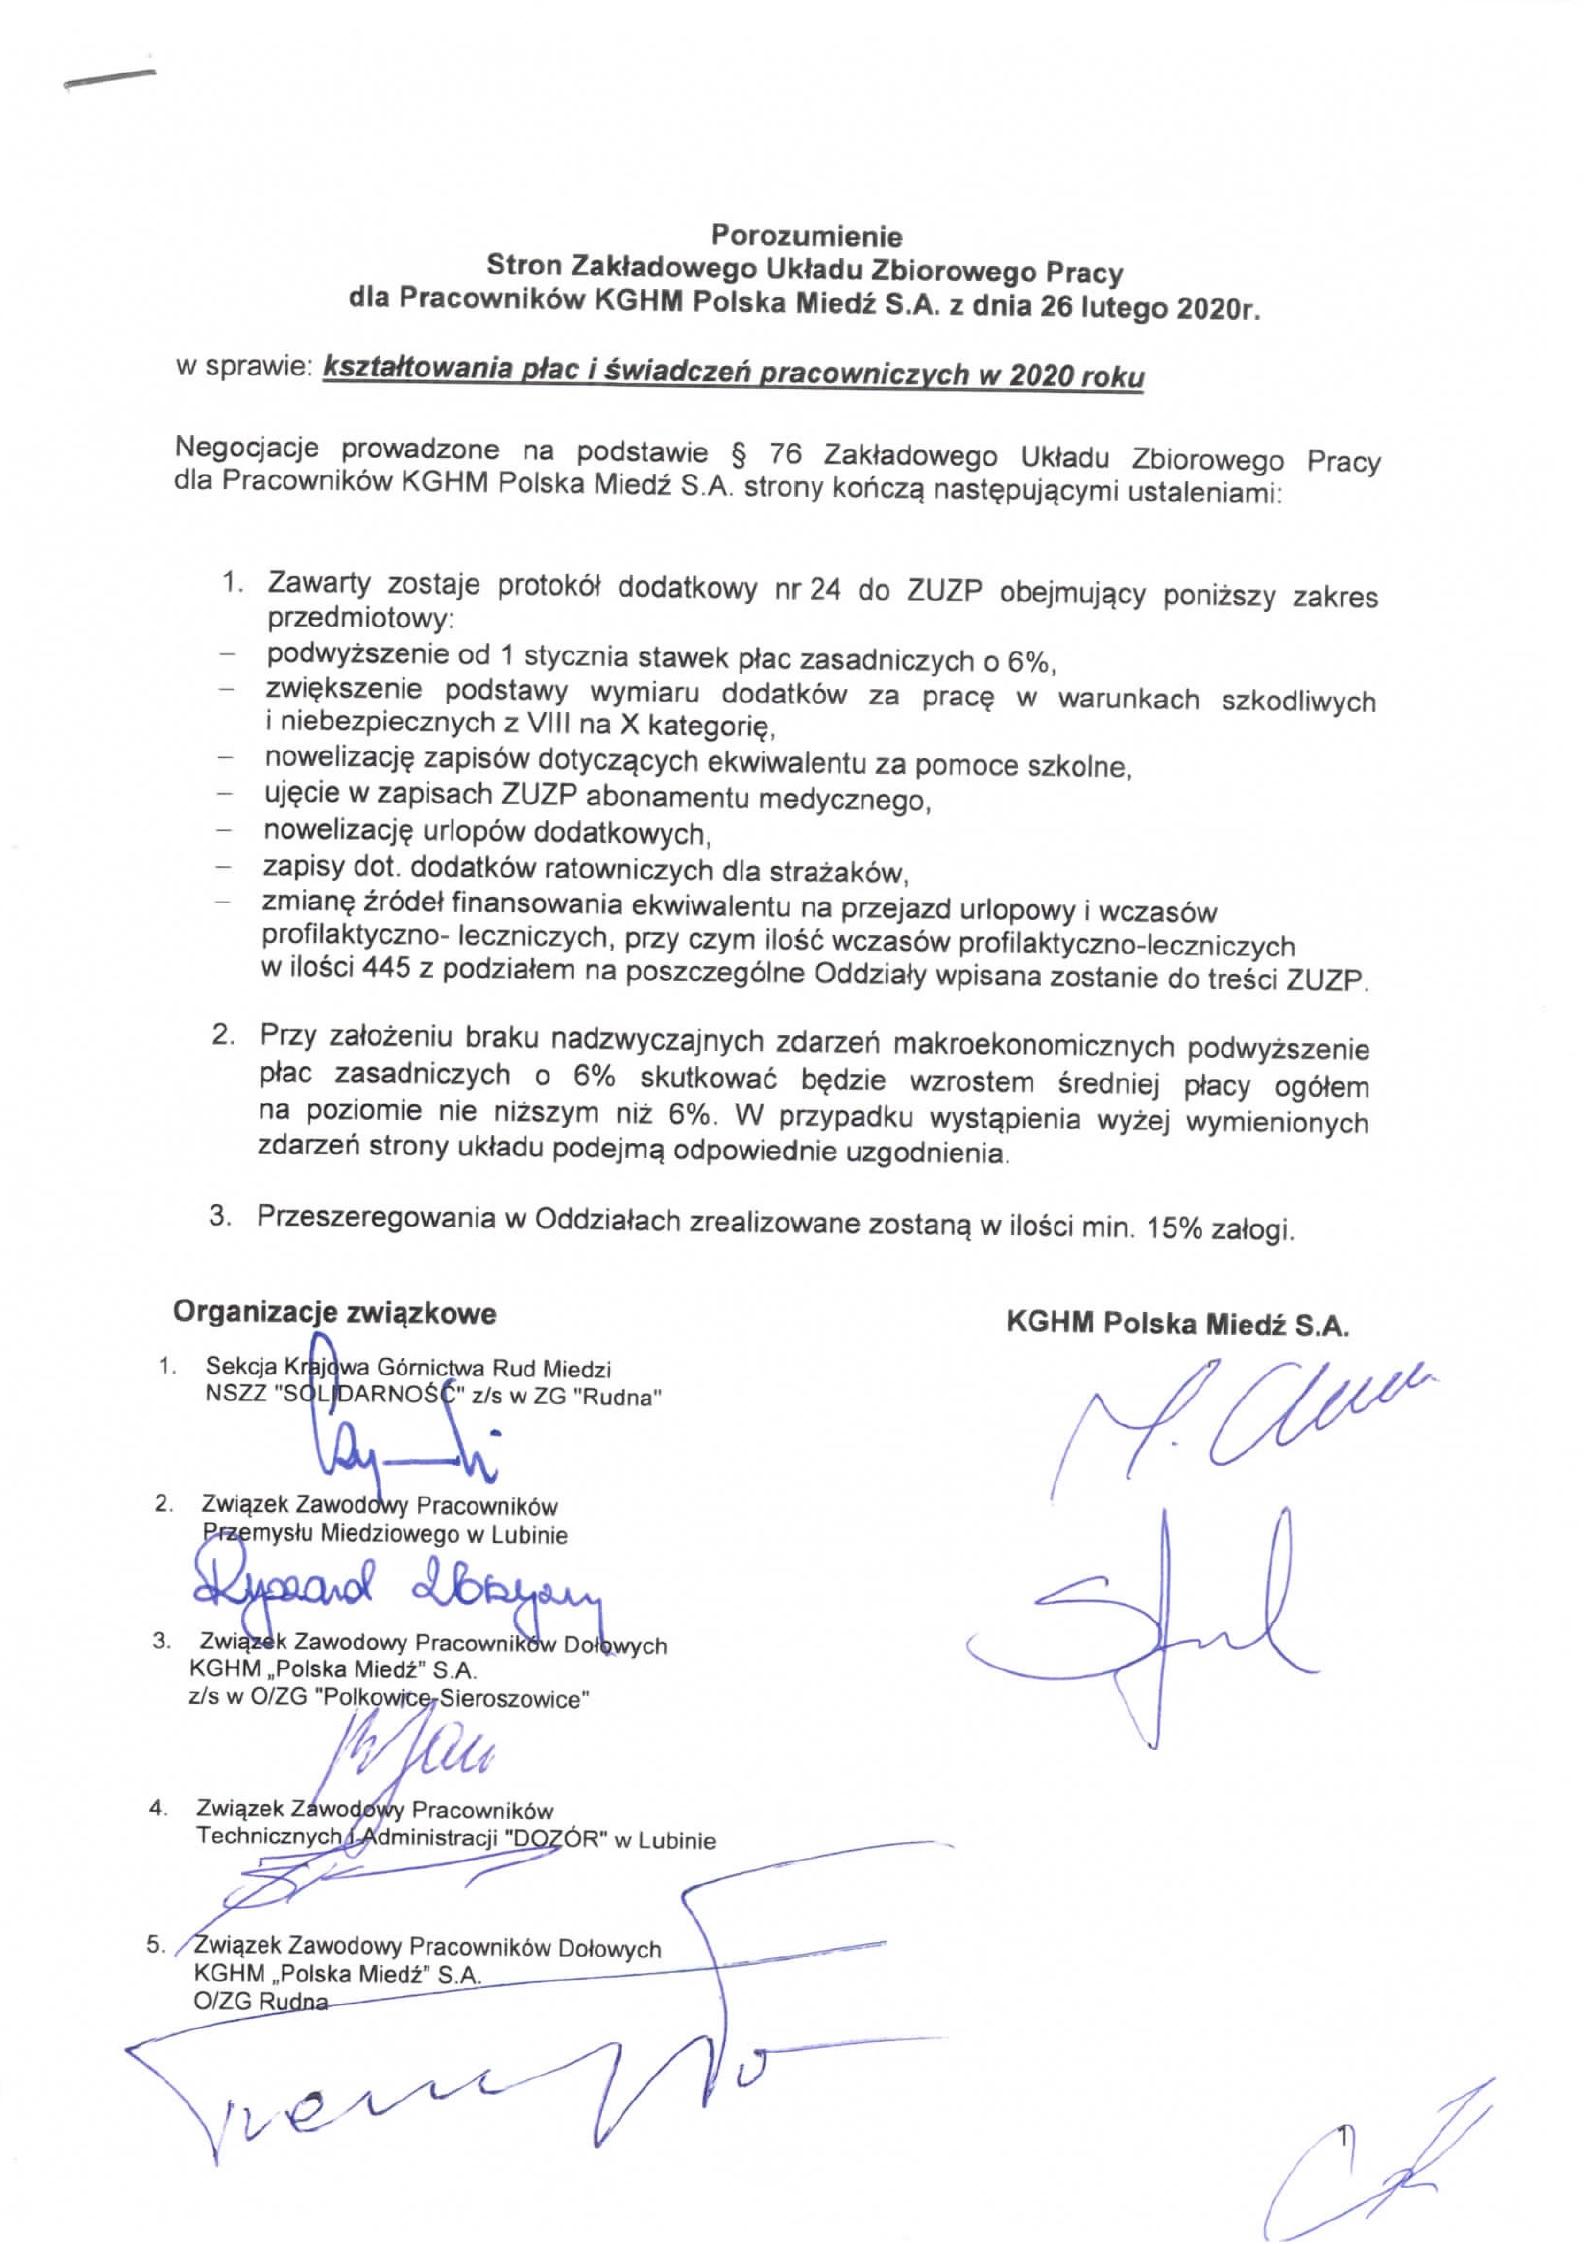 """Organizacja Zakładowa NSZZ """"Solidarność"""" w KGHM Polska Miedź S.A. O/ZG """"Polkowice-Sieroszowice"""""""